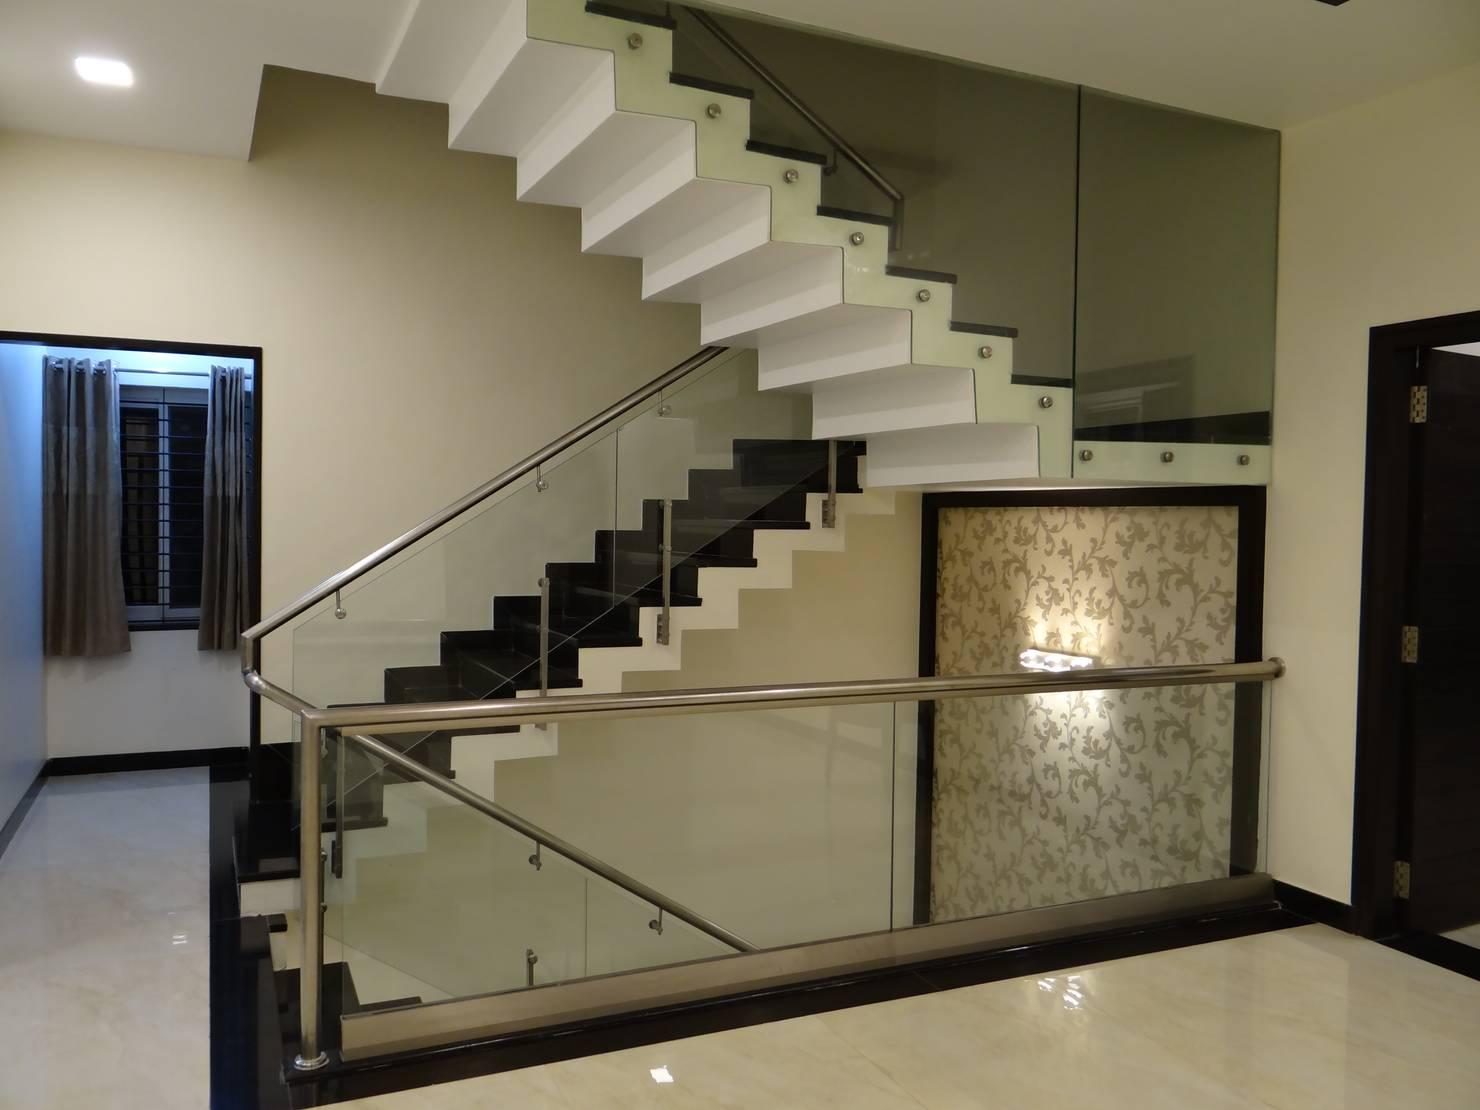 15 escaleras compactas ideales para casas pequeñas